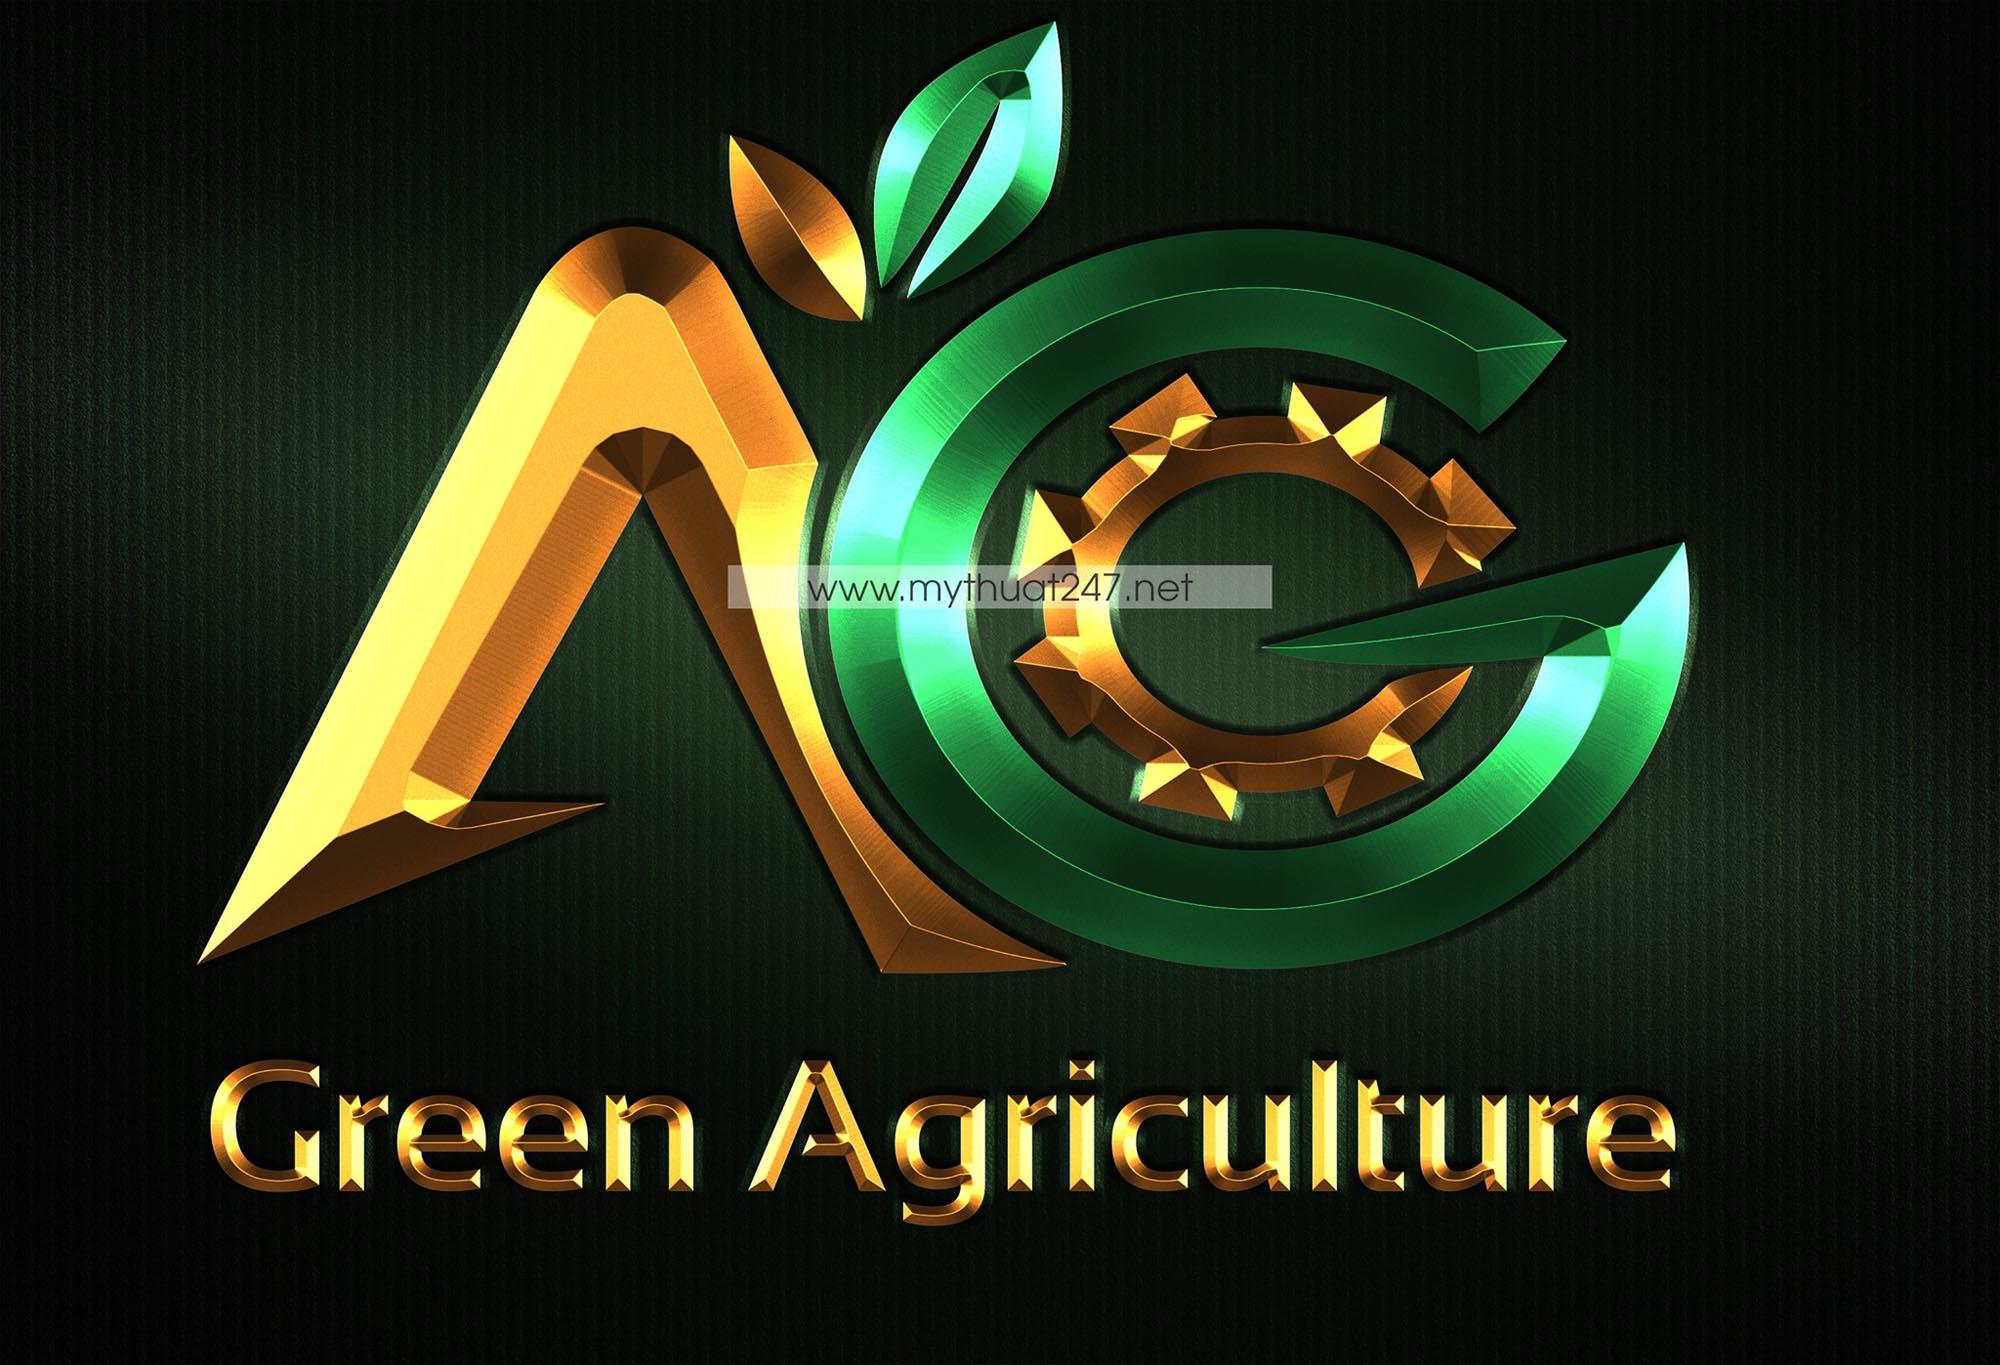 Thiết Kế logo công ty thiết bị nông nghiệp xanh